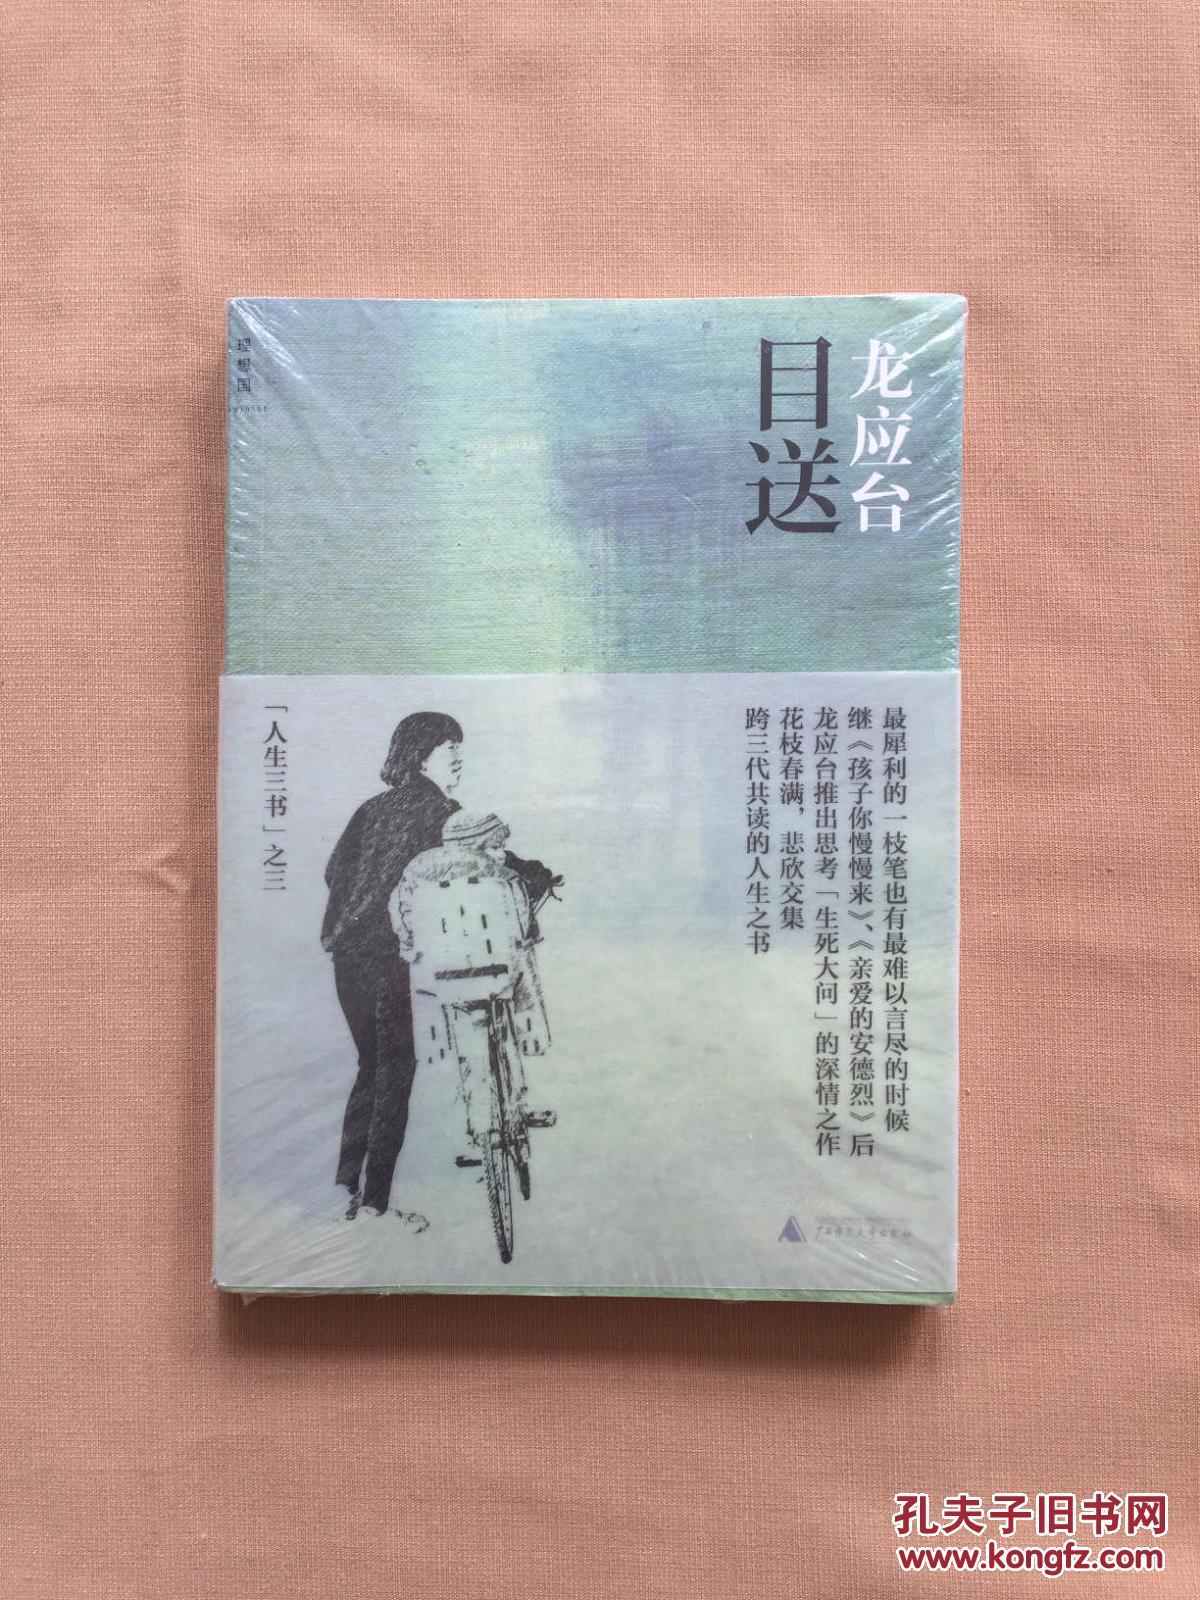 孔夫子旧书网 网上书店 金茂书店 文学 商品详情  滚动鼠标滚轴,图片